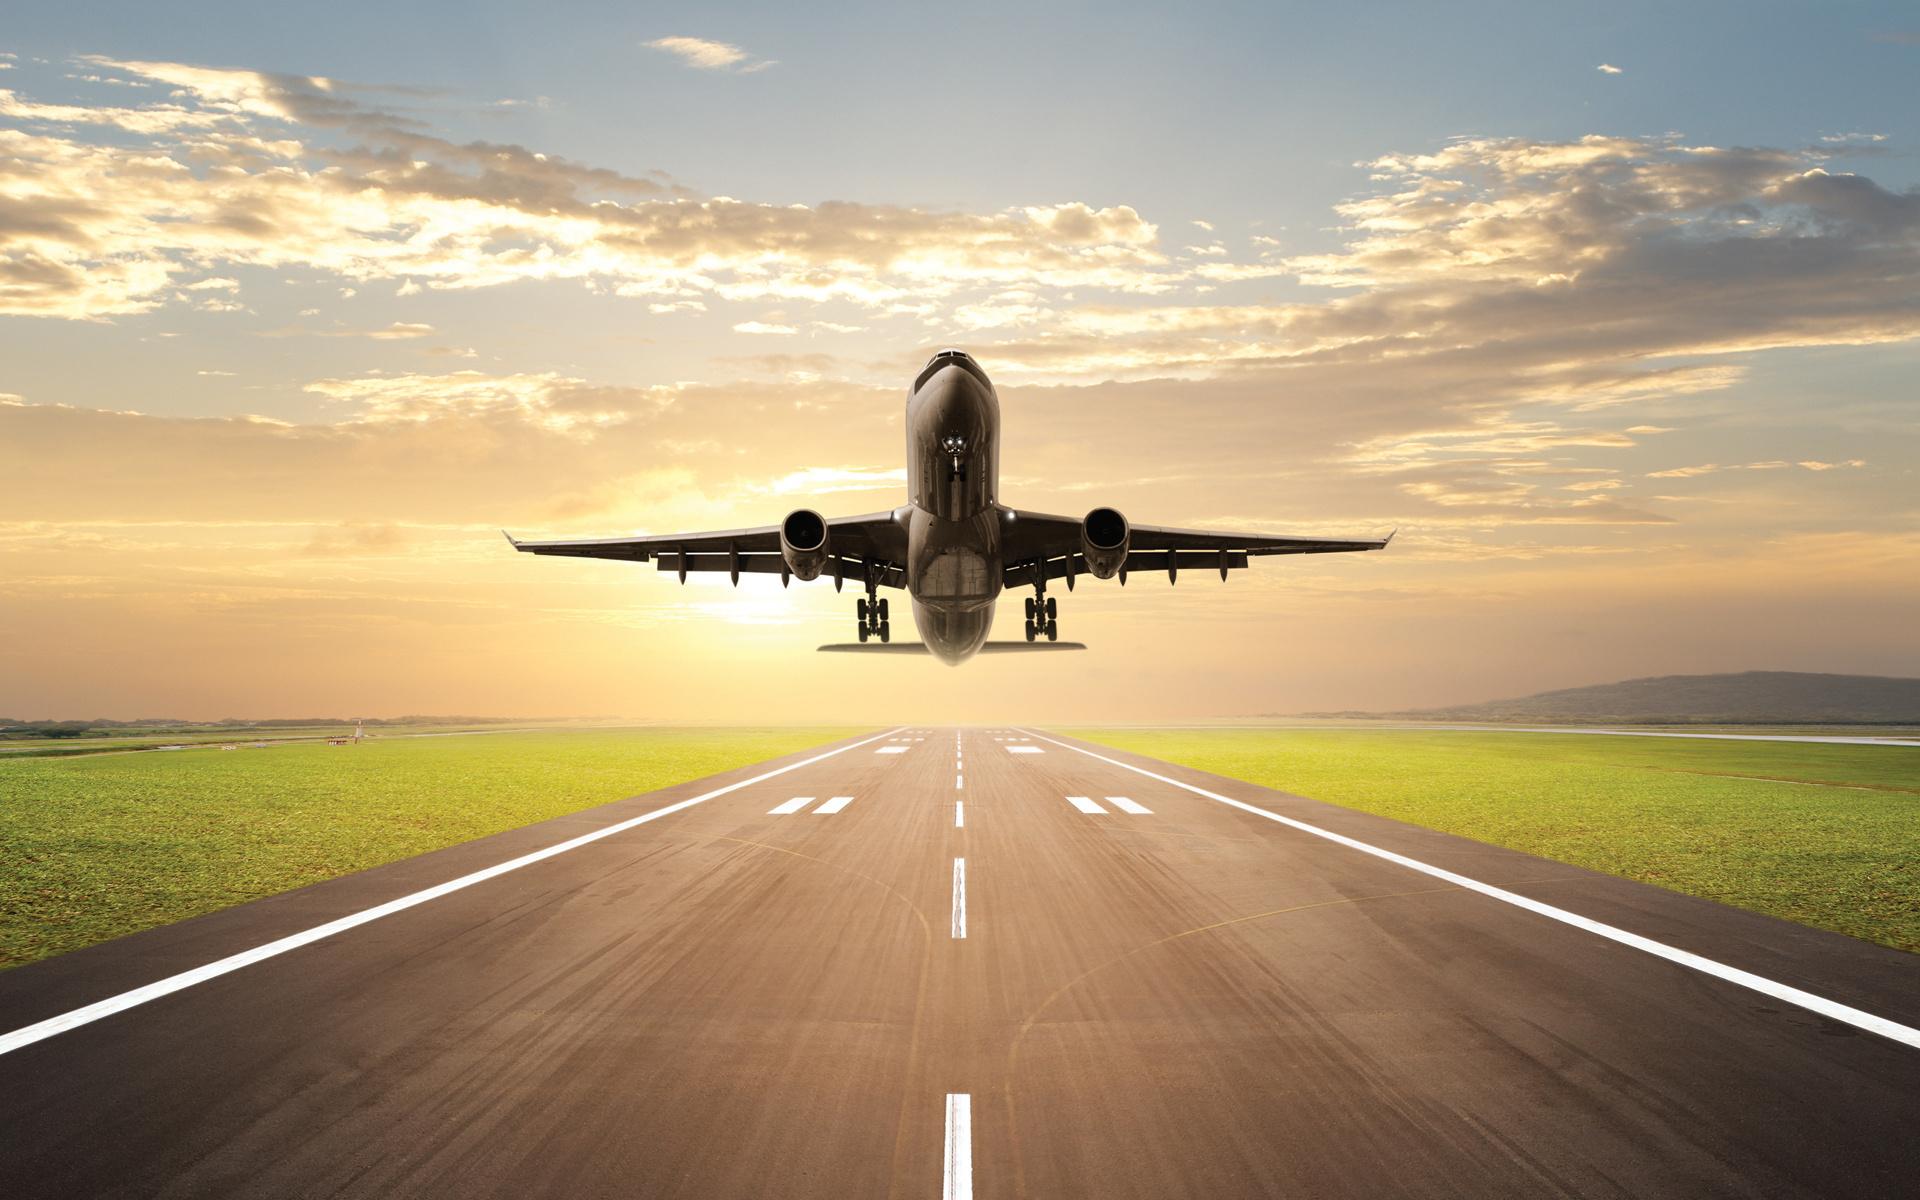 самолёт, небо, взлёт, солнце, закат,расцвет